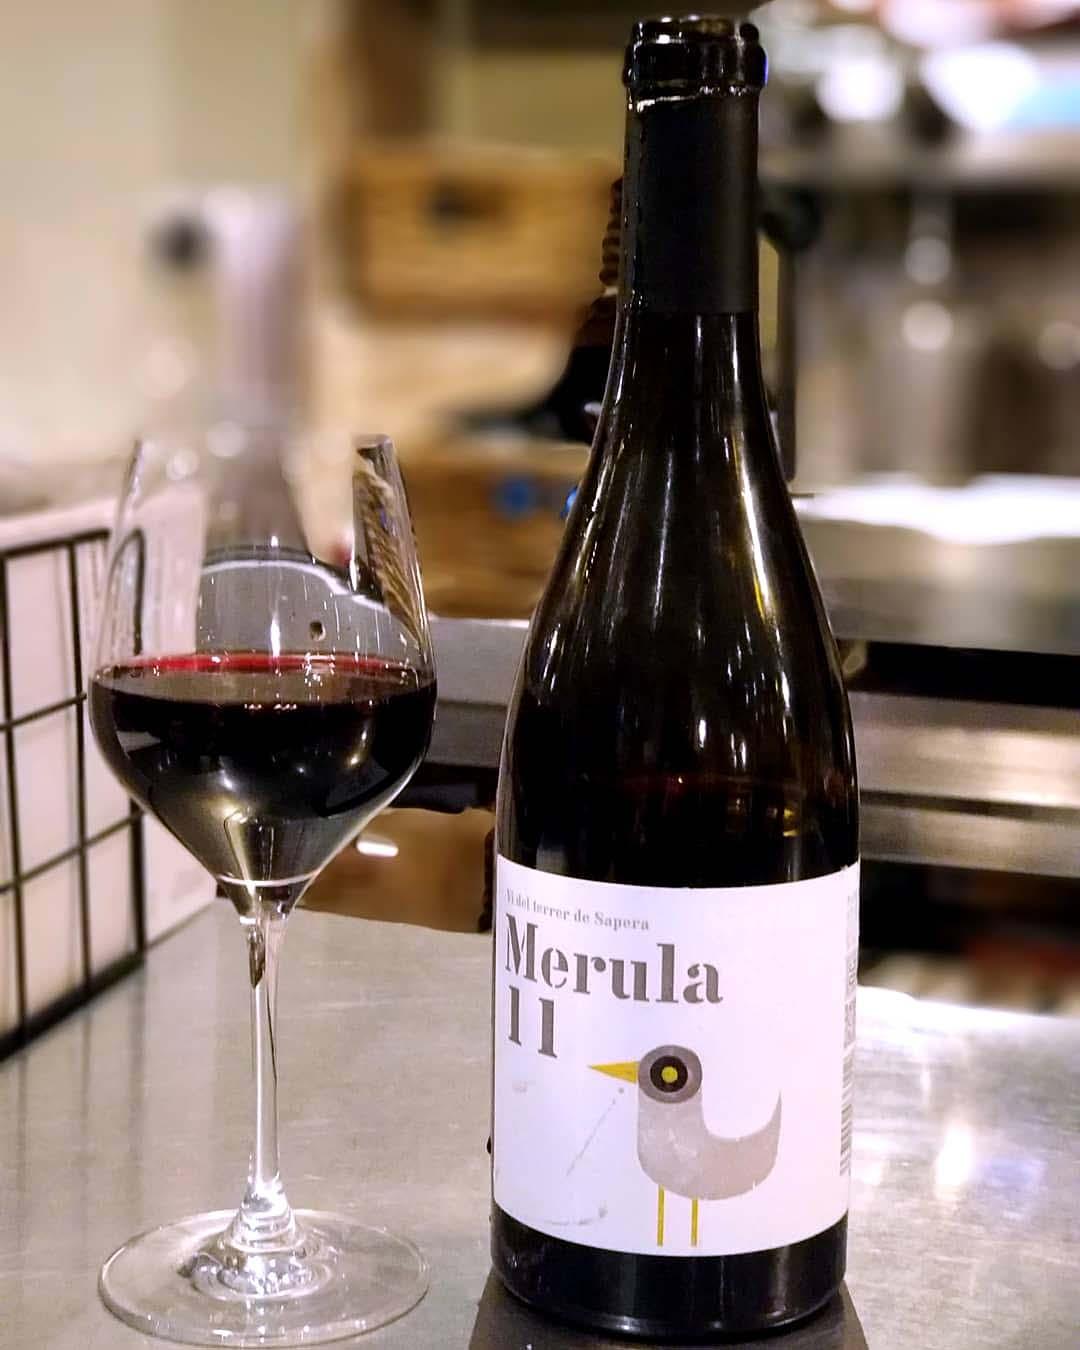 Merula 11